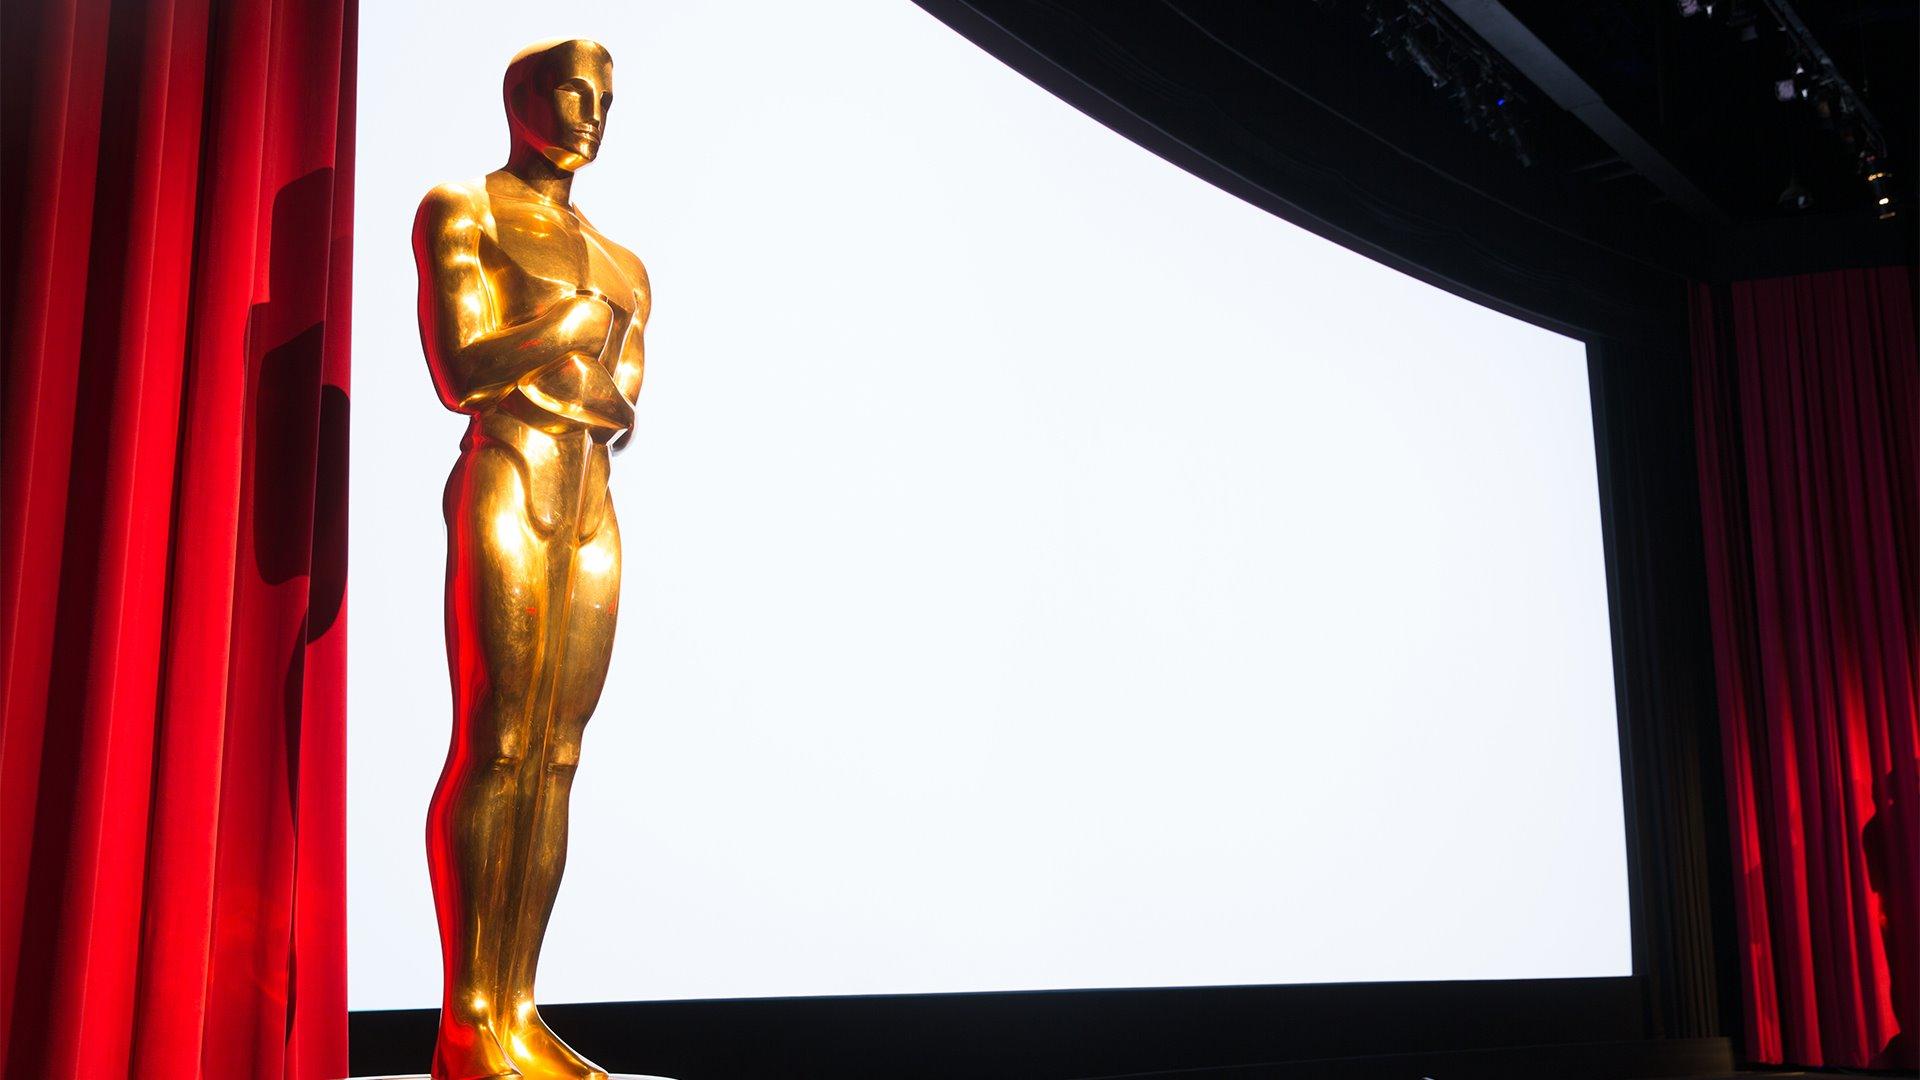 Din 2024, filmele de Oscar trebuie să respecte standarde rasiale, etnice, sexuale și de gen